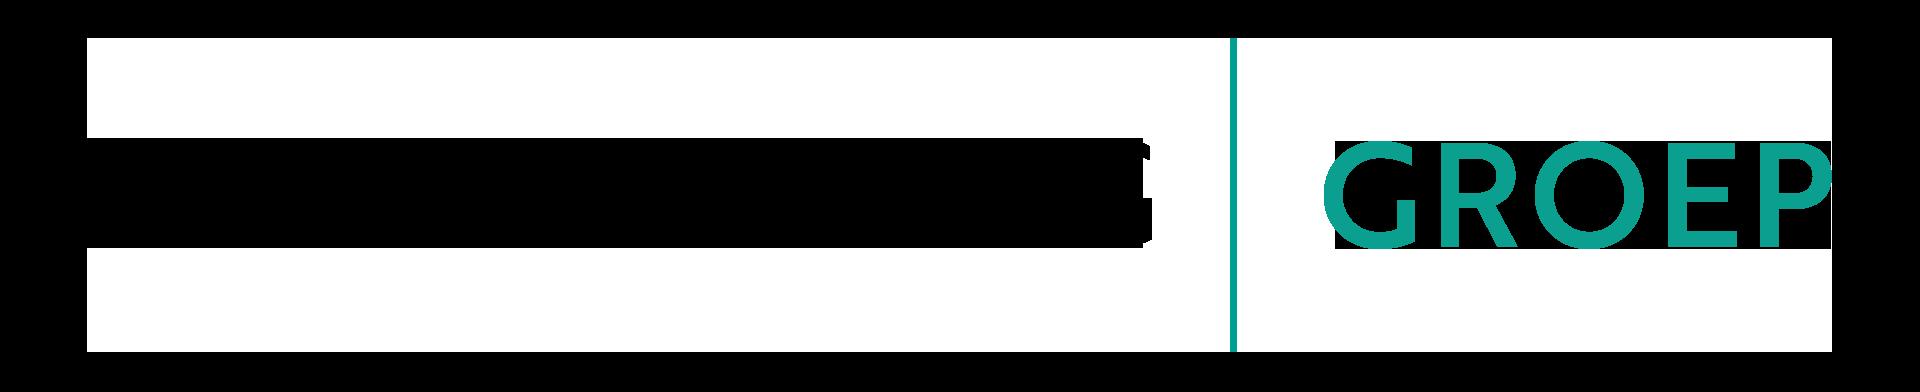 Noordereng Groep